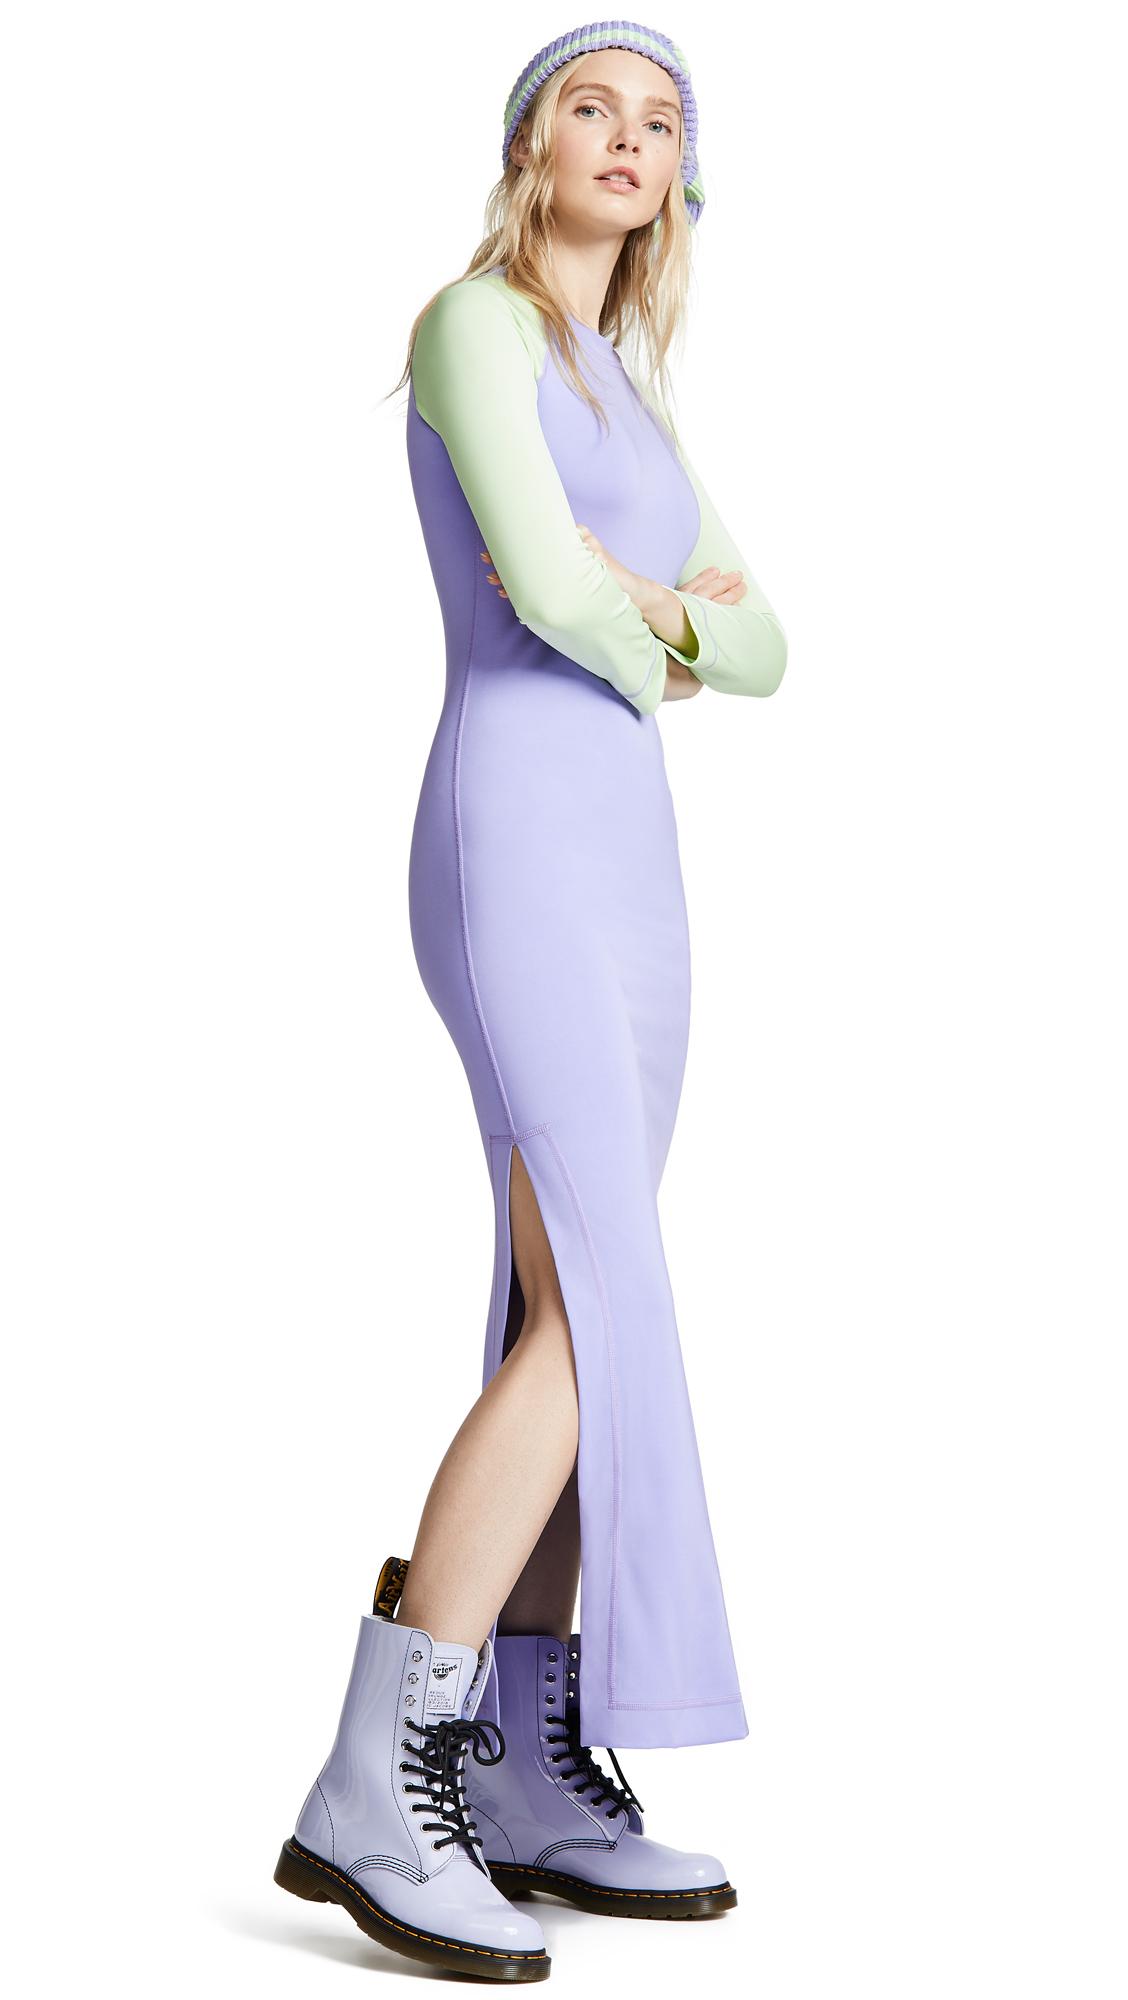 Marc Jacobs Redux Grunge Colorblock Dress - Lavender